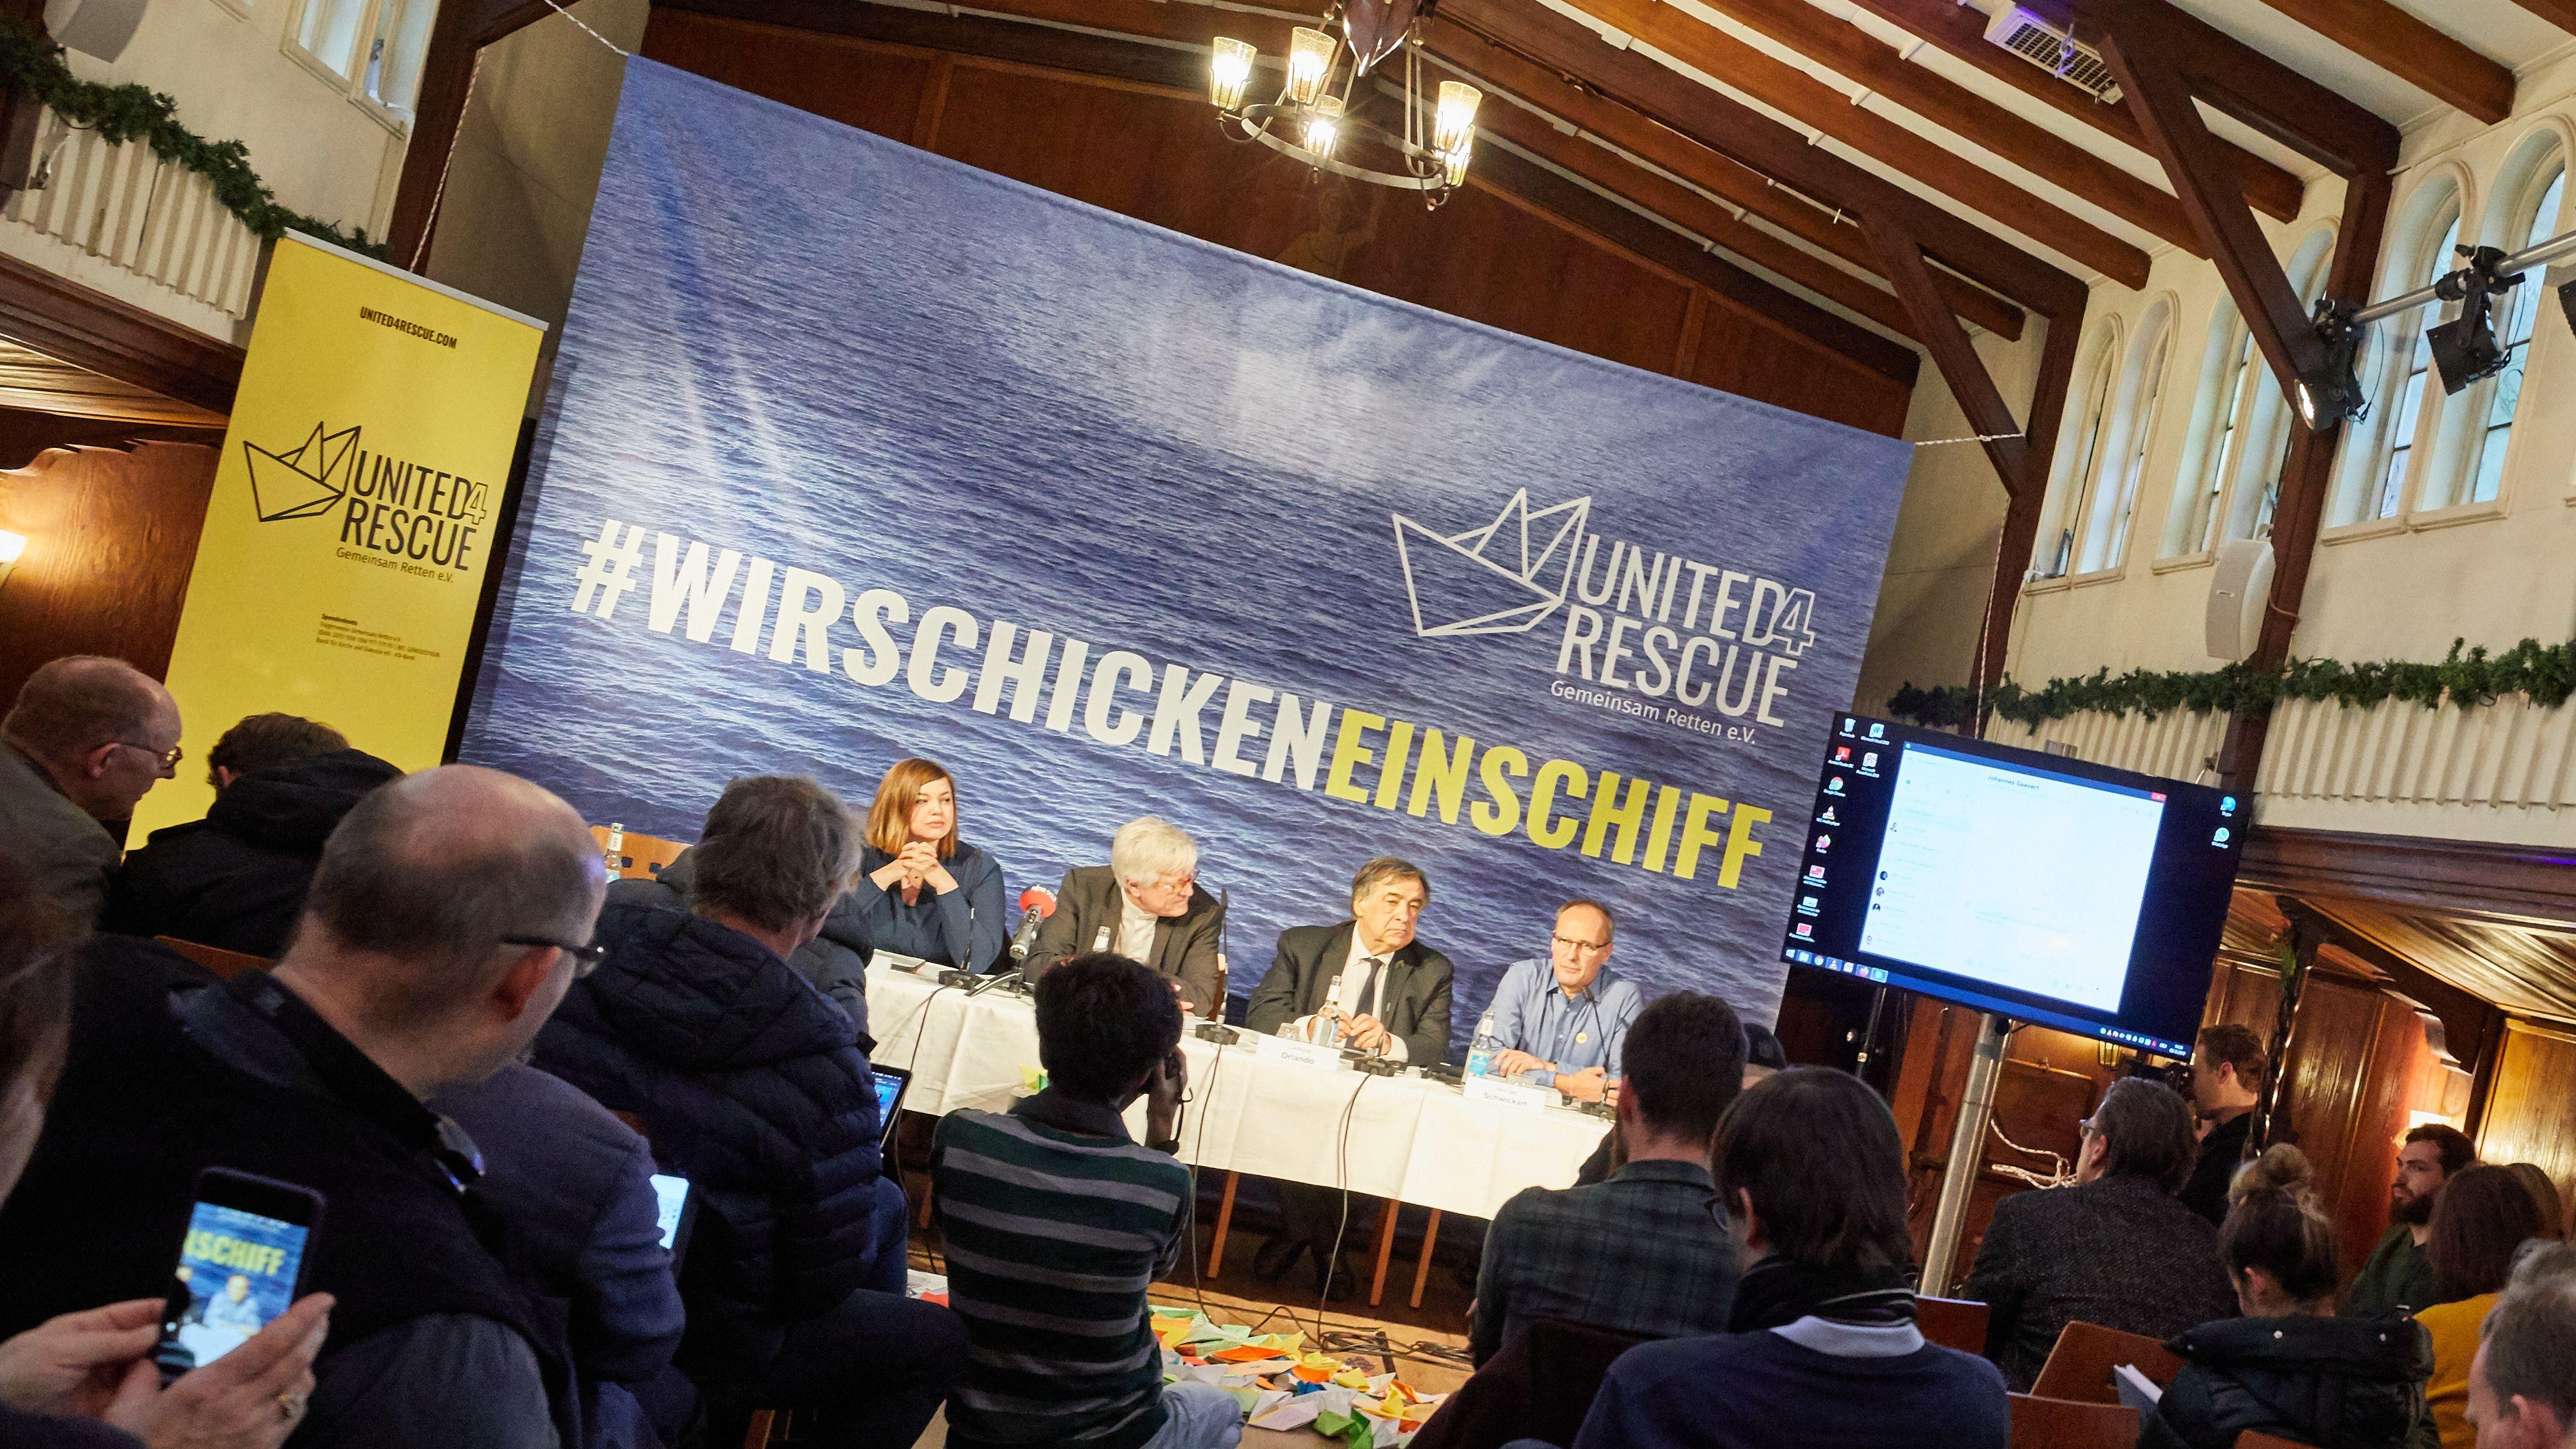 """03.12.2019, Hamburg: Pressekonferenz über das neue Bündnis """"United4Rescue - Gemeinsam Retten!"""""""